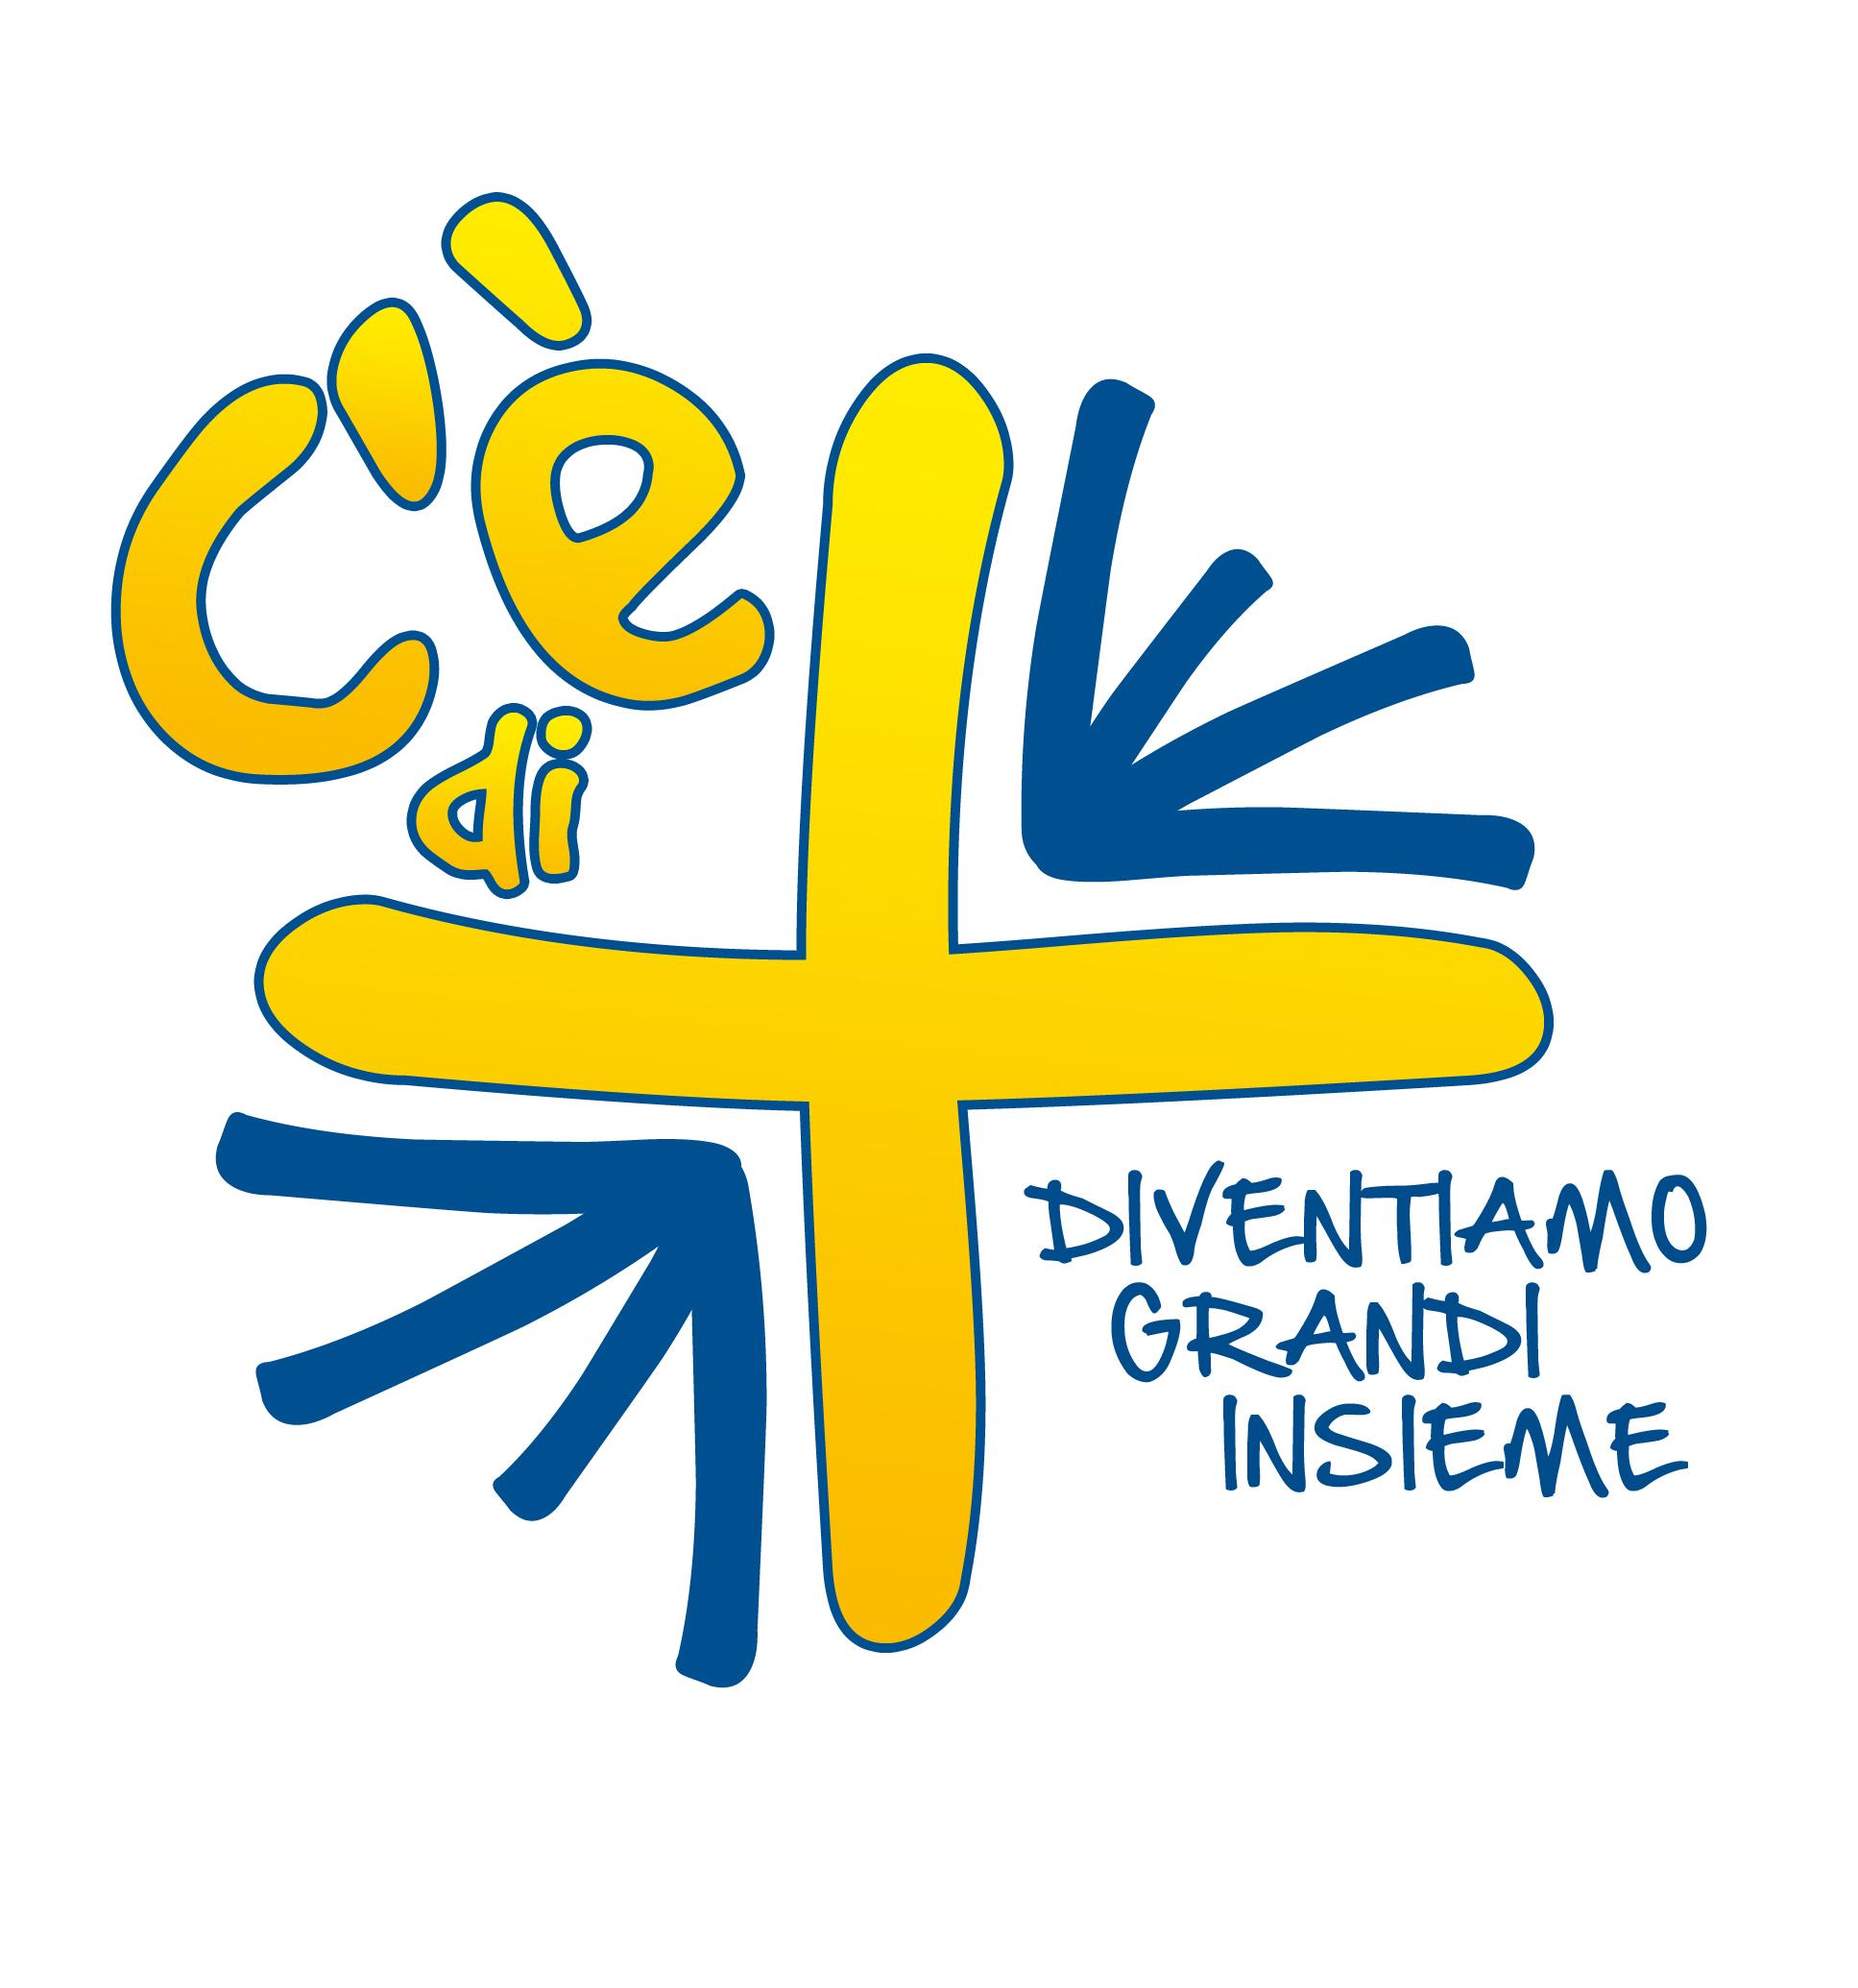 logo_cedipiu_alta_risoluzione